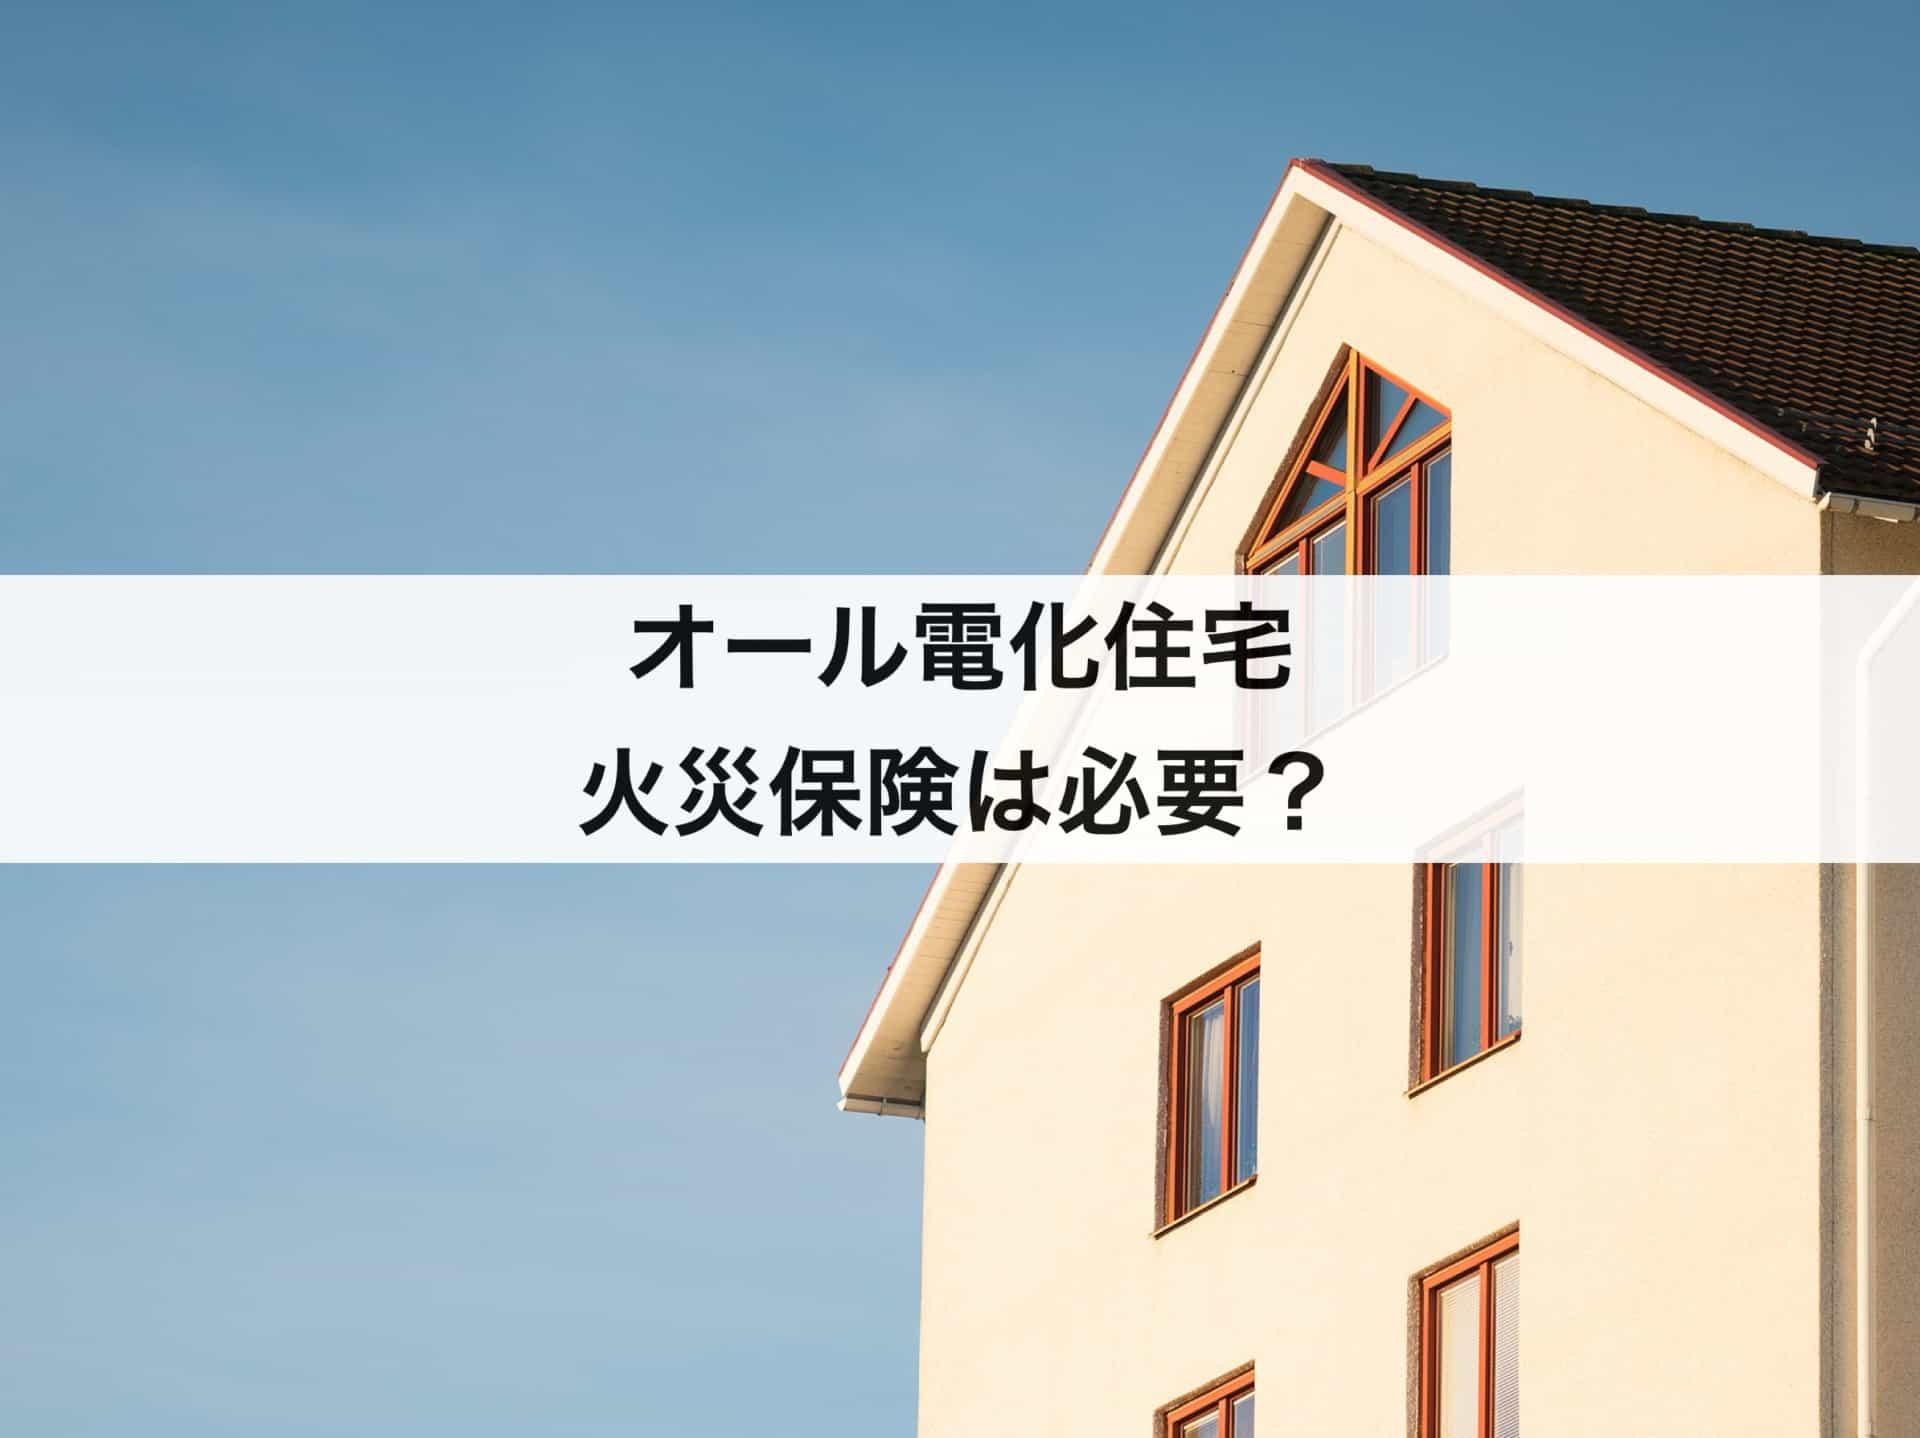 オール電化住宅に火災保険は必要?オール電化割引についても徹底解説!